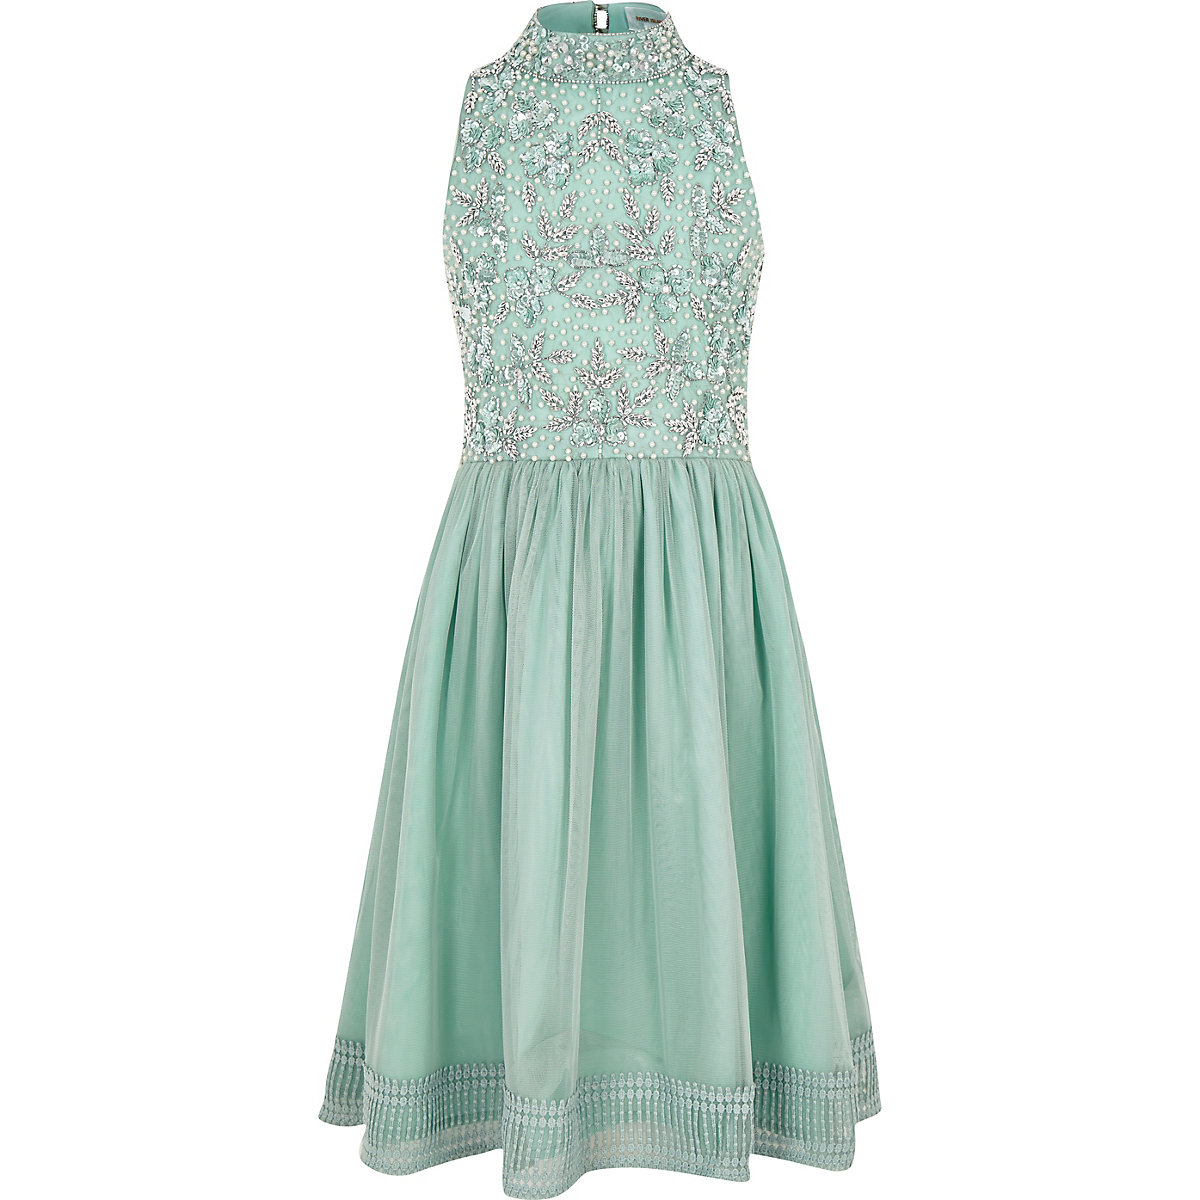 Green sequin embellished prom dress